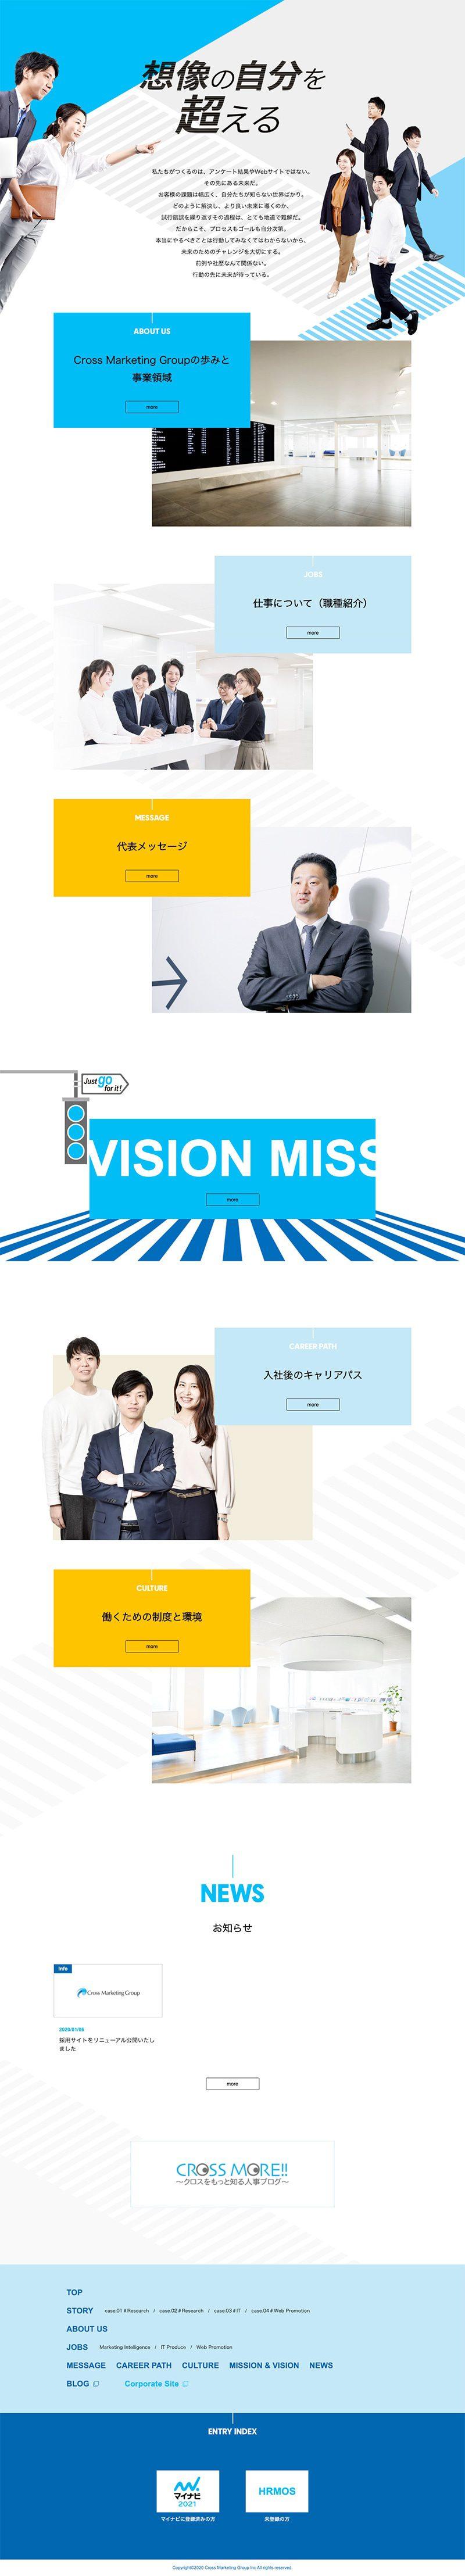 株式会社クロス・マーケティンググループ様 採用サイト新卒TOP